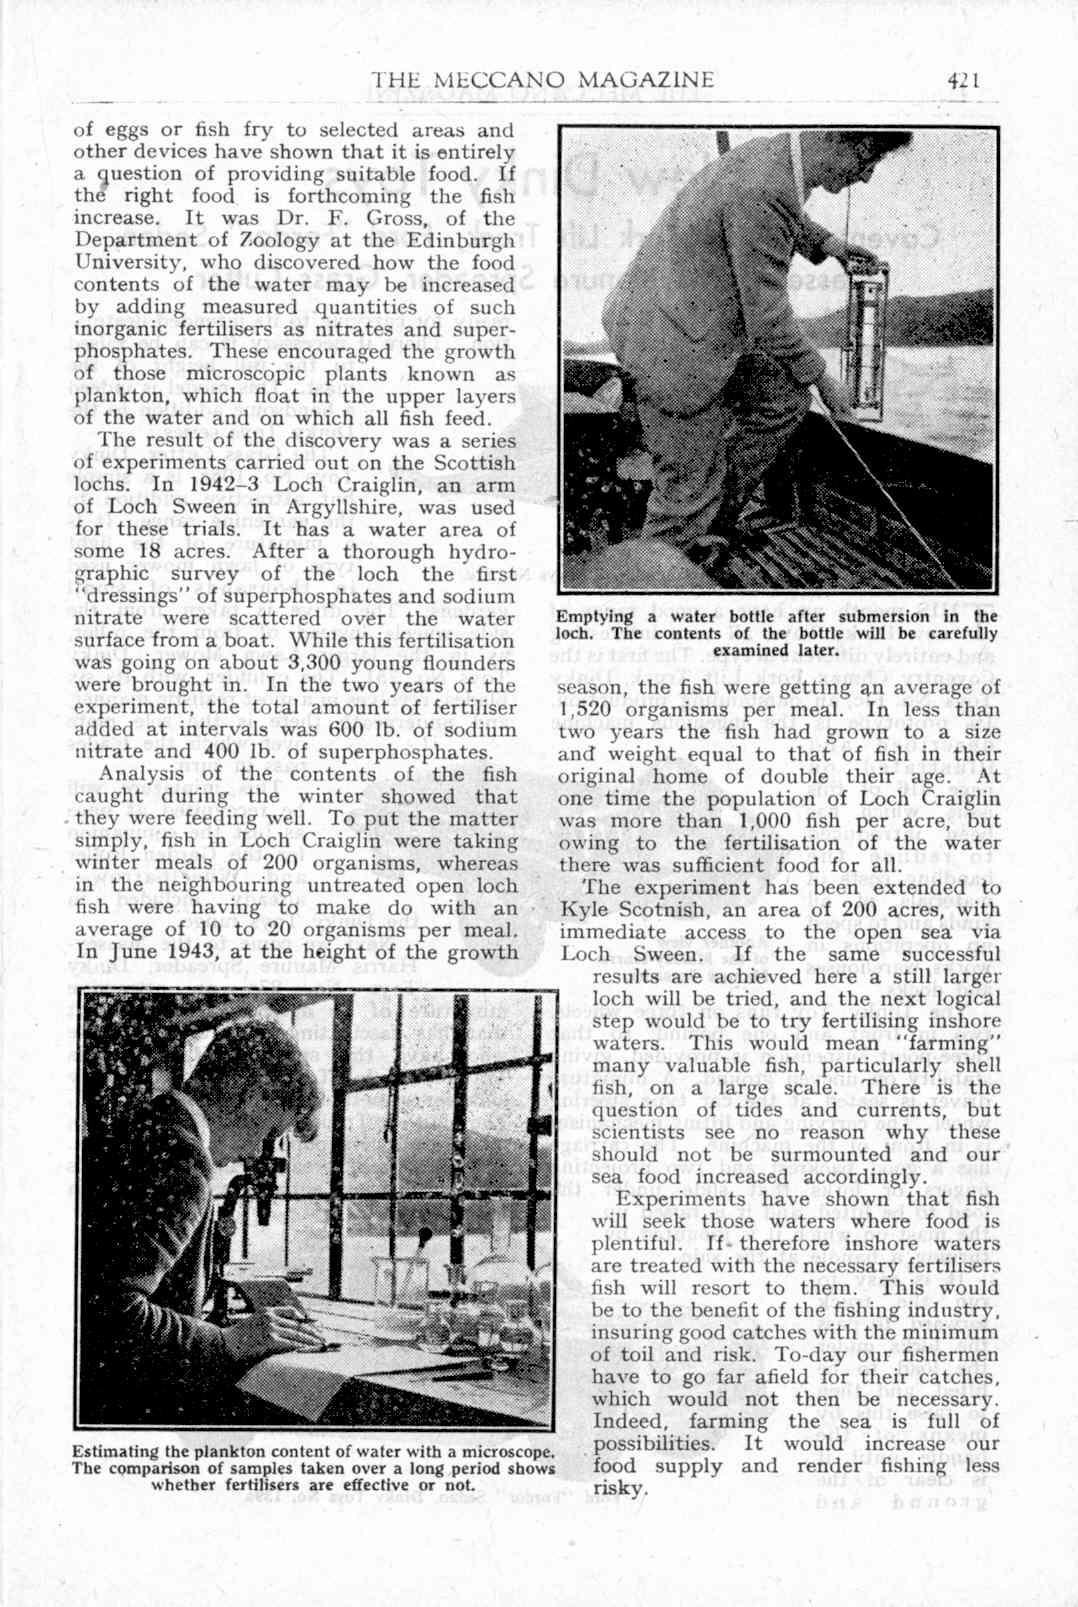 UK Meccano Magazine November 1949 Page 421